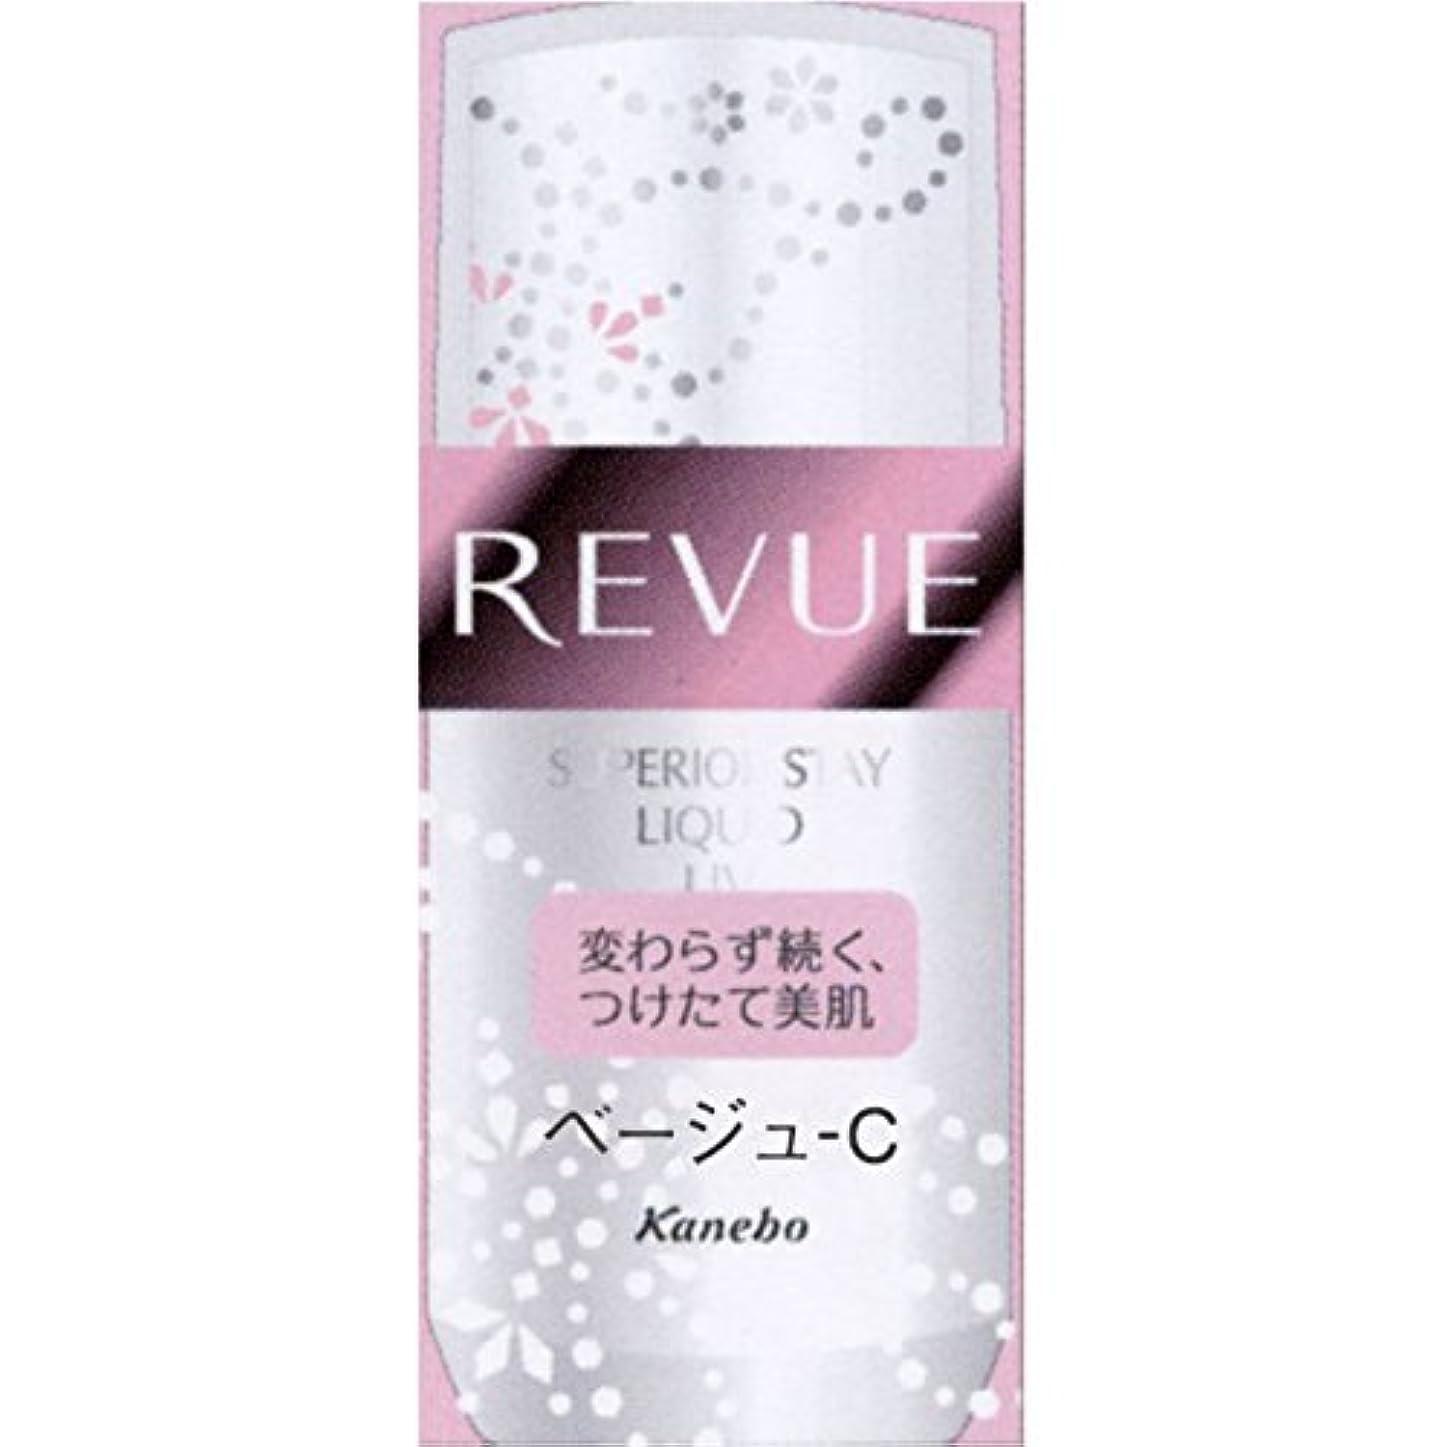 軽減する貼り直すテクニカルカネボウレヴュー(REVUE)スーペリアステイリクイドUVn  カラー:ベージュC